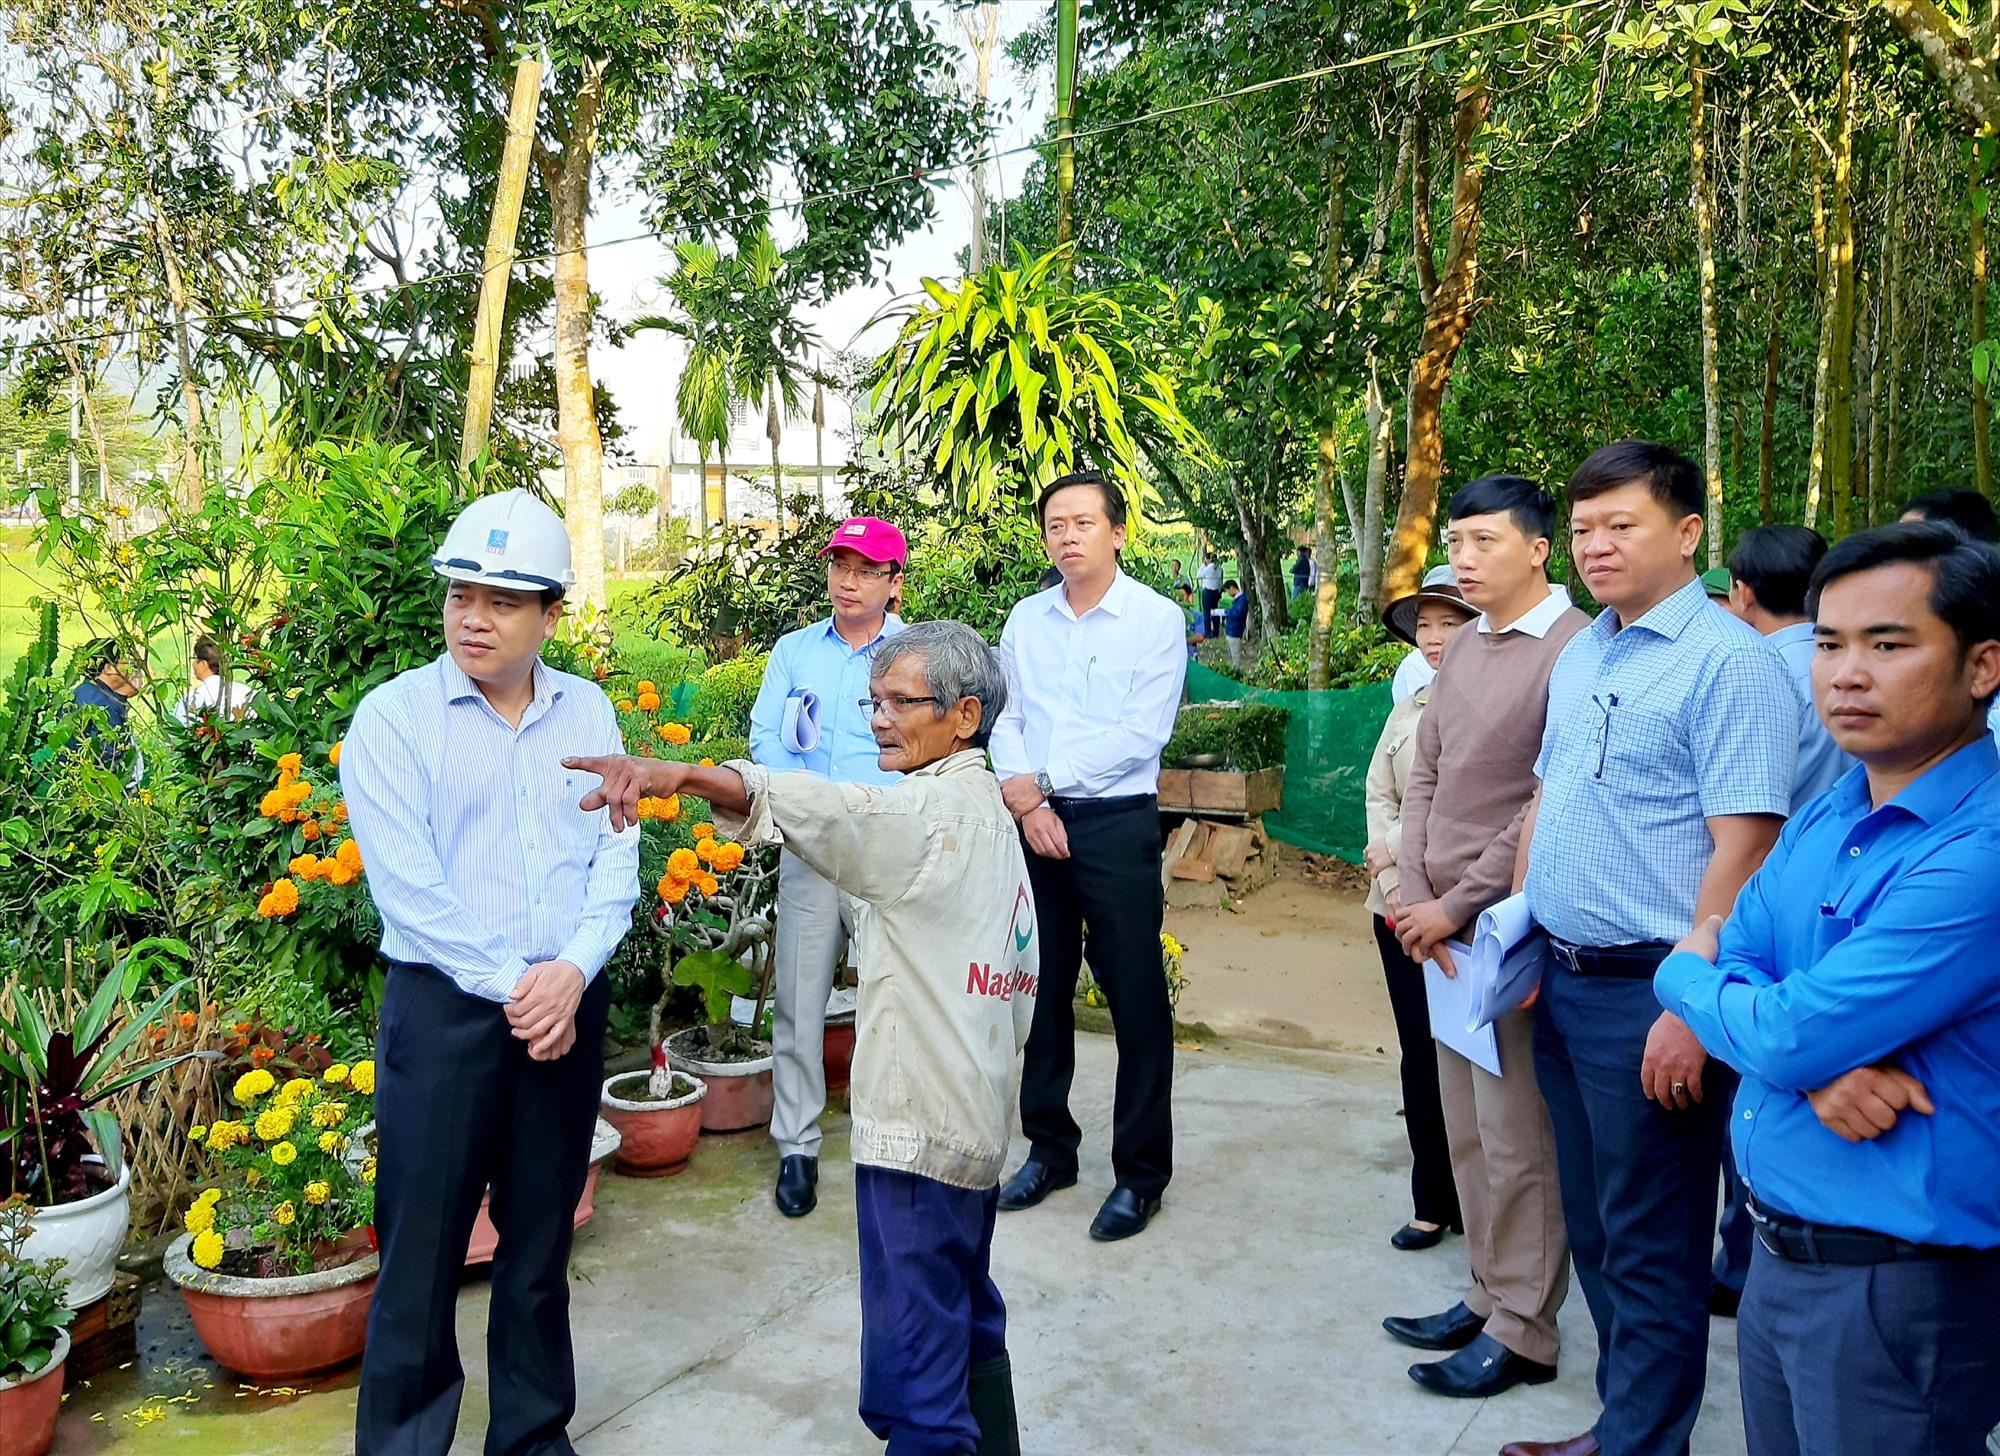 Phó Chủ tịch UBND tỉnh Trần Văn Tân khảo sát vị trí xây dựng mới Trường THPT Trần Đại Nghĩa. Ảnh: VĂN SỰ